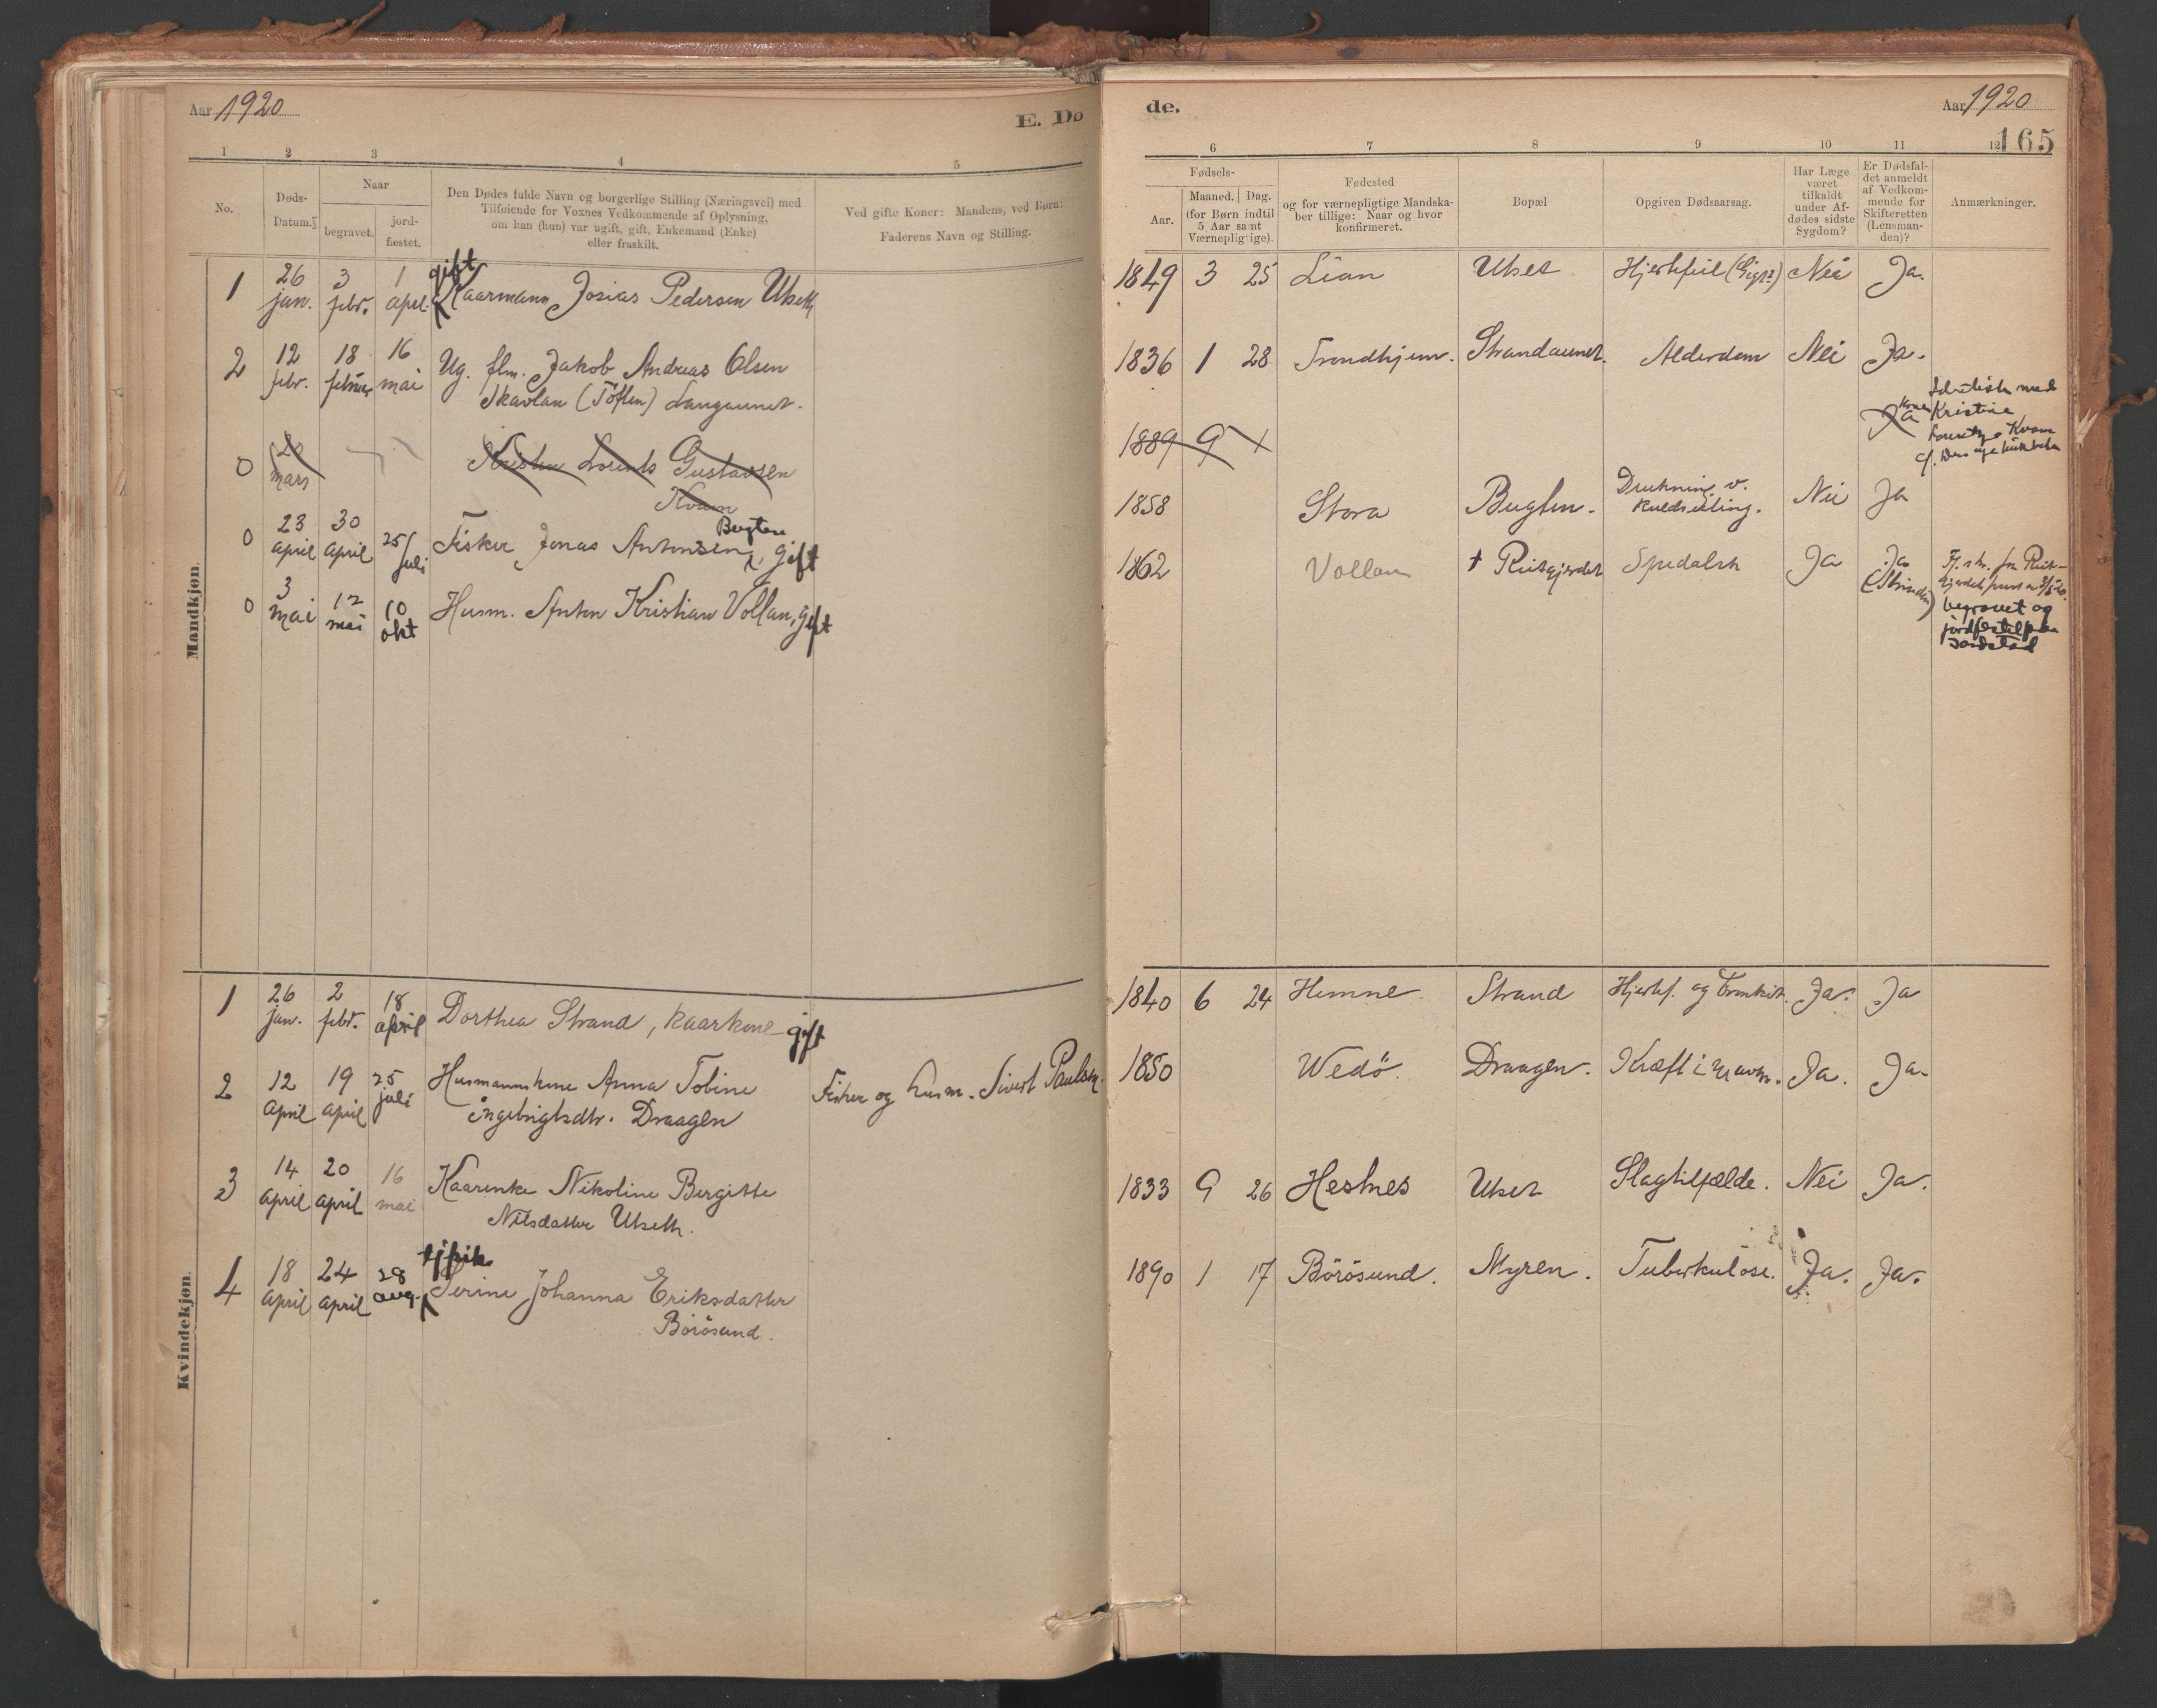 SAT, Ministerialprotokoller, klokkerbøker og fødselsregistre - Sør-Trøndelag, 639/L0572: Ministerialbok nr. 639A01, 1890-1920, s. 165